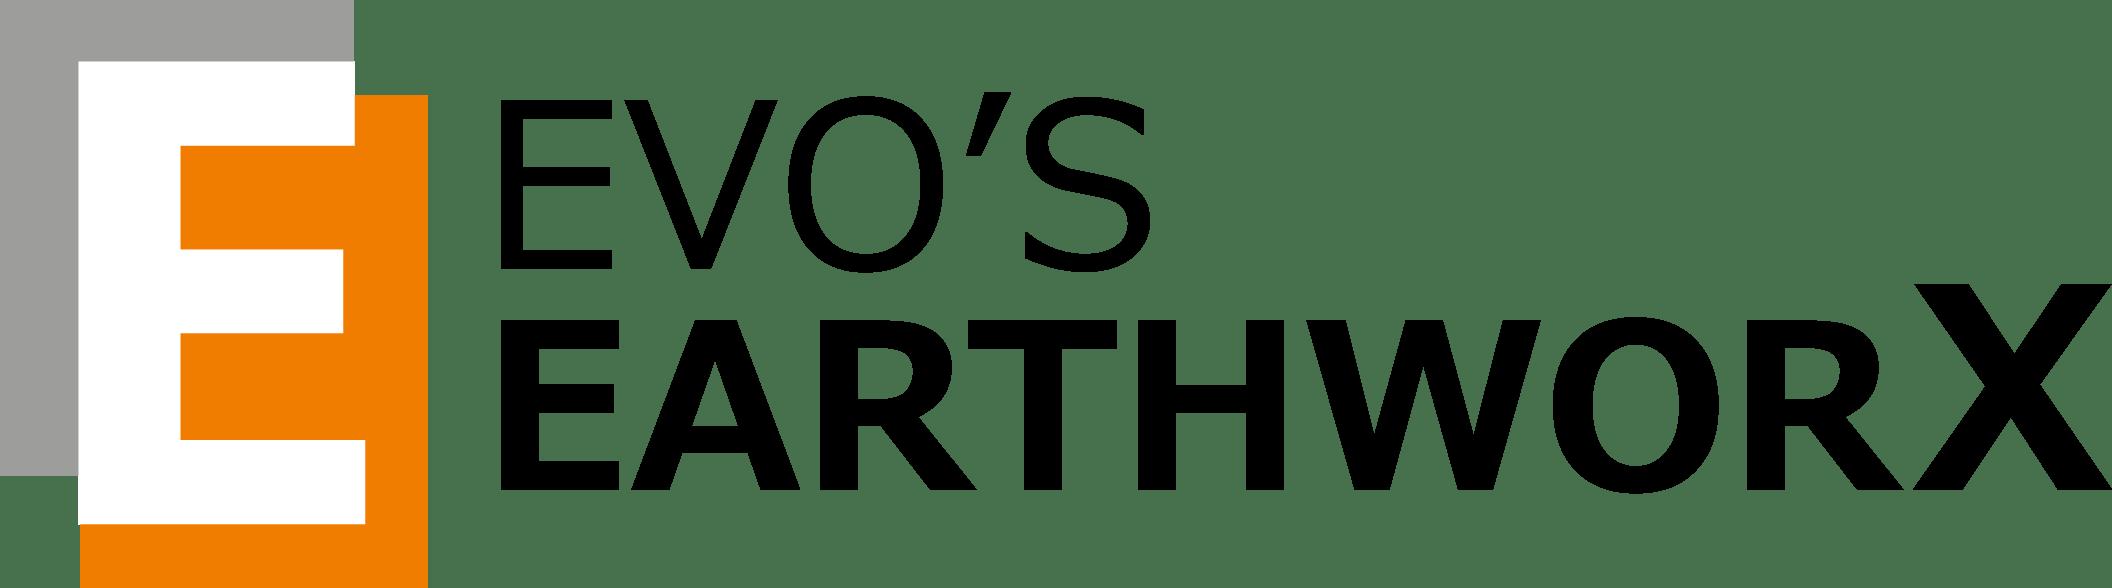 Evo's EarthworX